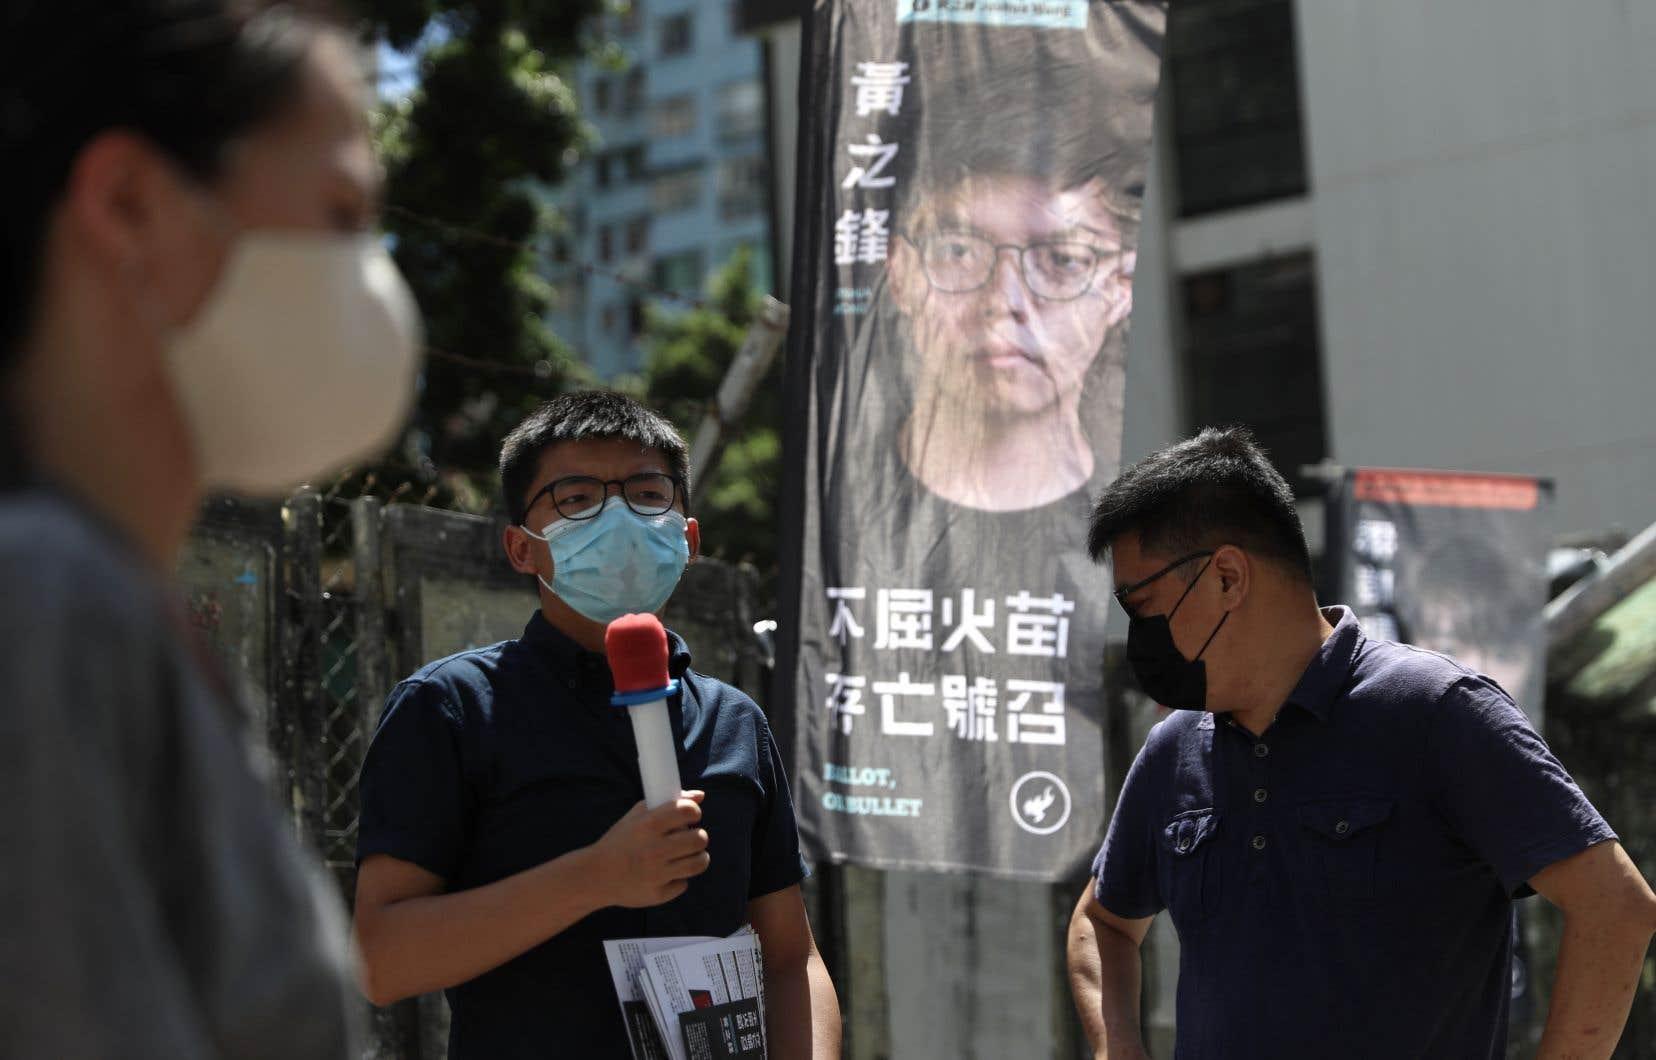 Le militant prodémocratie Joshua Wong (sur l'affiche),qui a été en 2014 le visage du «Mouvement des Parapluies», fait partie des douze candidats dont la candidature aux législatives de Hong Kong a été invalidée.